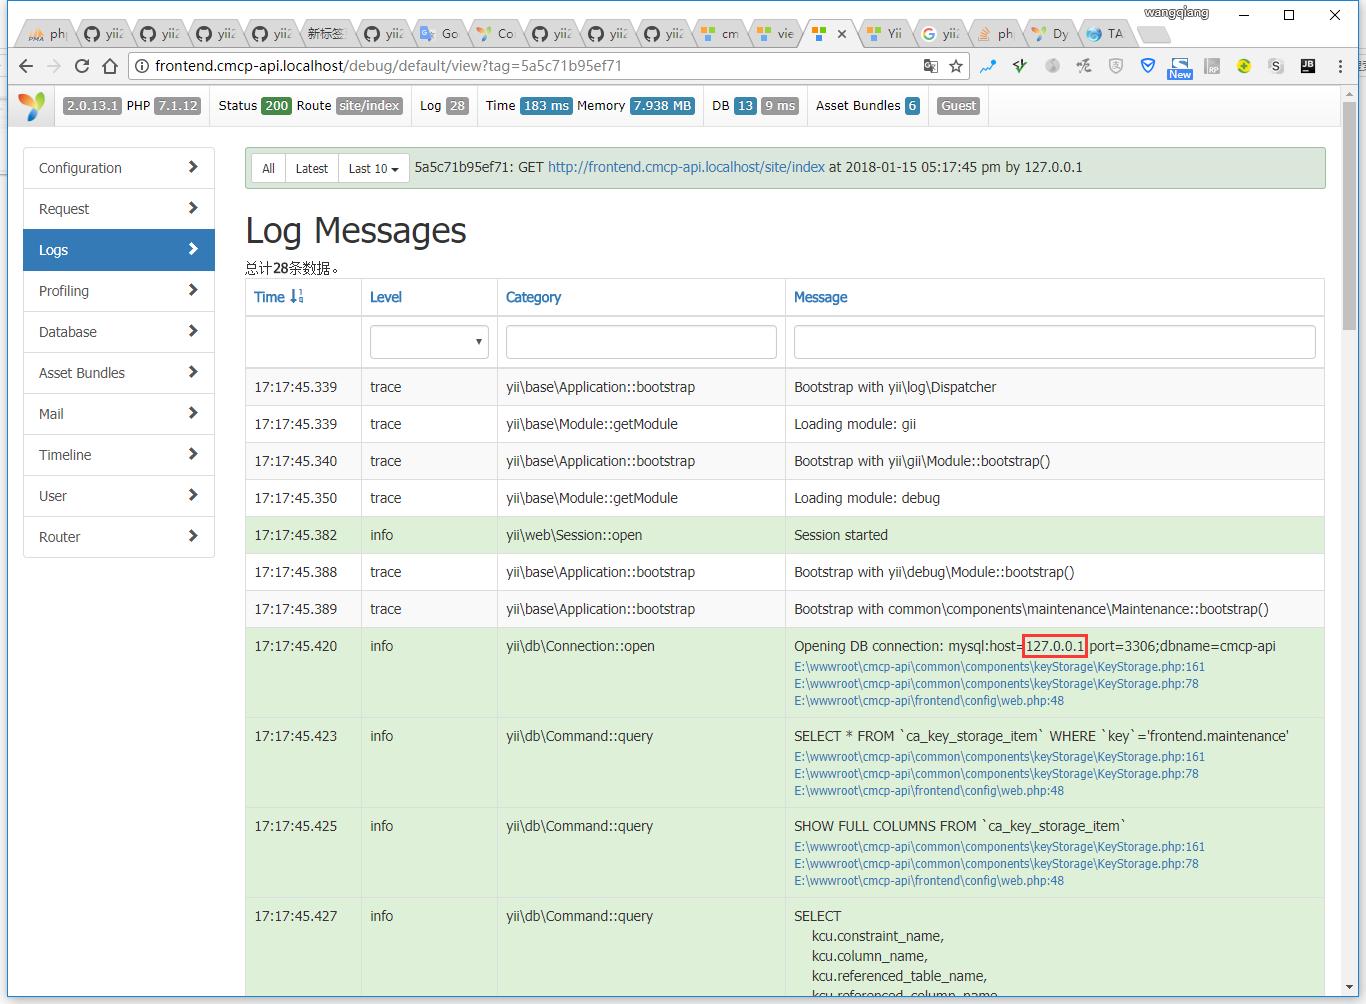 重复第3步骤,db 组件的属性已经在 yii\db\Connection::open 之前完成初始化定义(host=localhost 变化为 host=127.0.0.1)